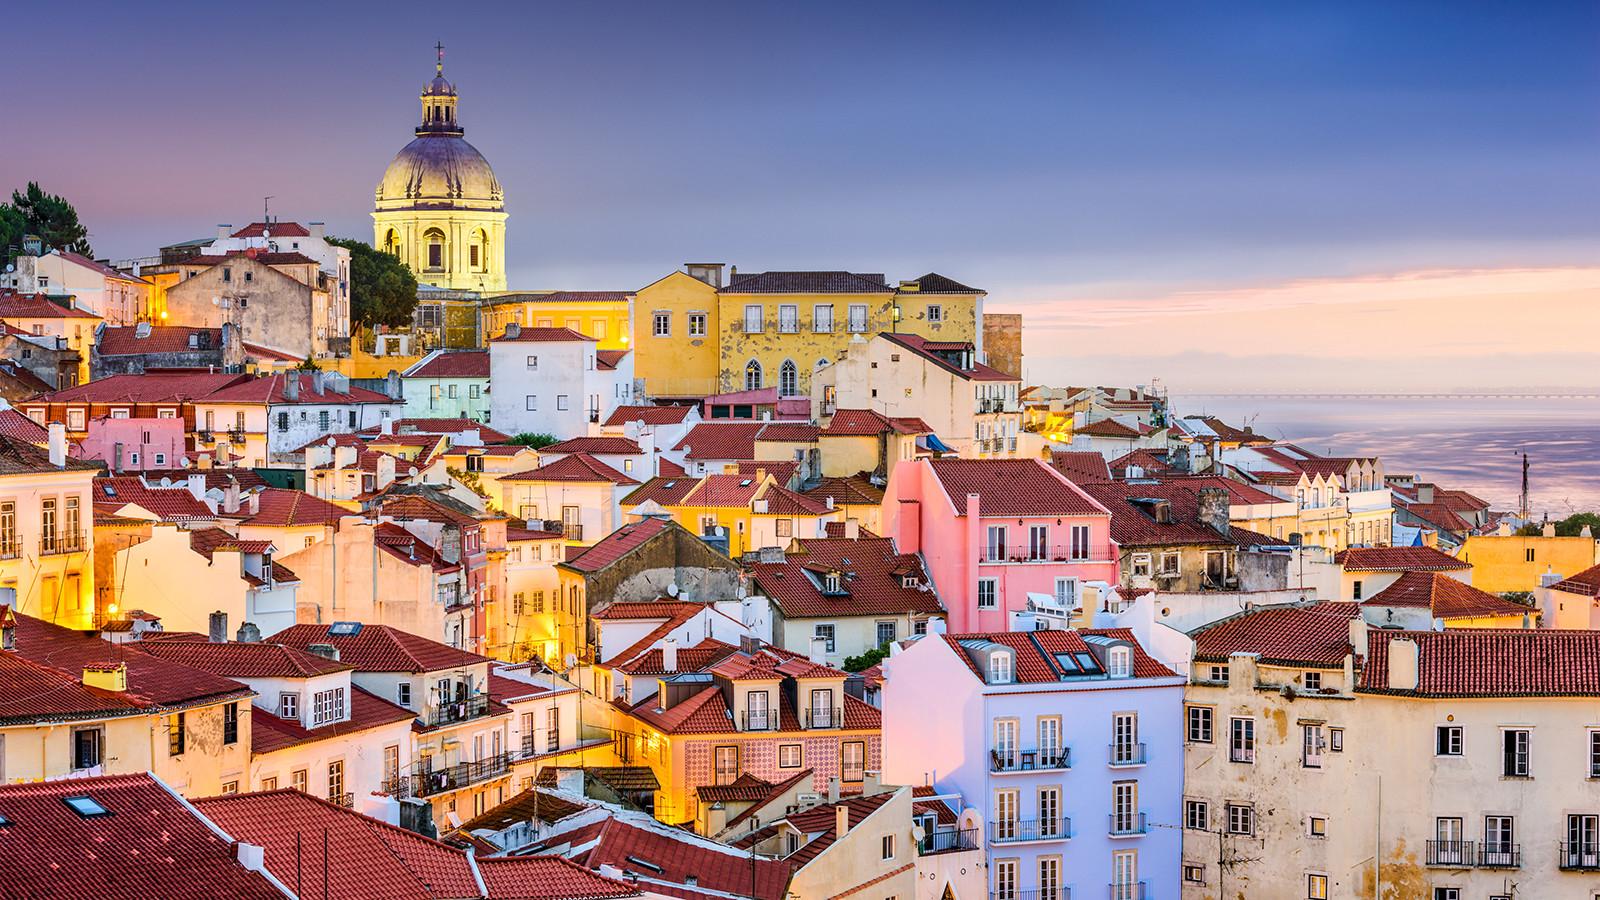 Sv pacotes Lisboa